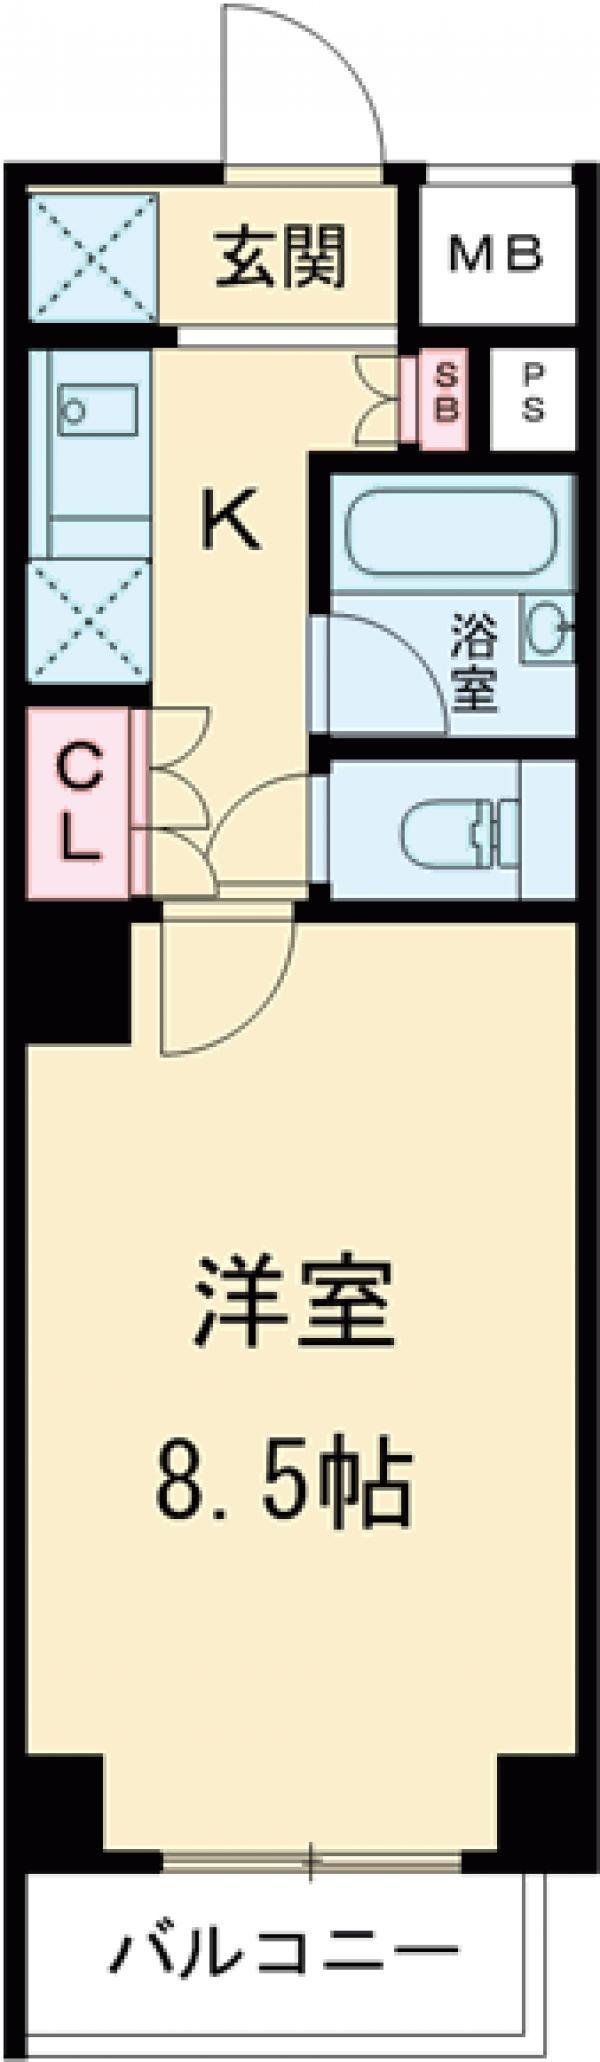 プレール・ドゥーク品川西大井・206号室の間取り